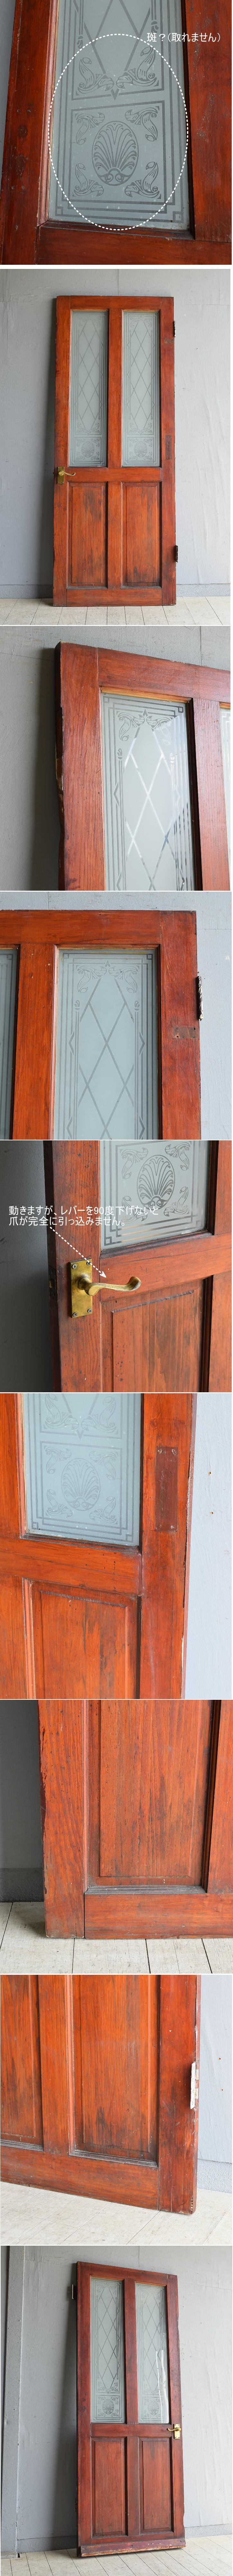 イギリス アンティーク ドア 扉 建具 8072